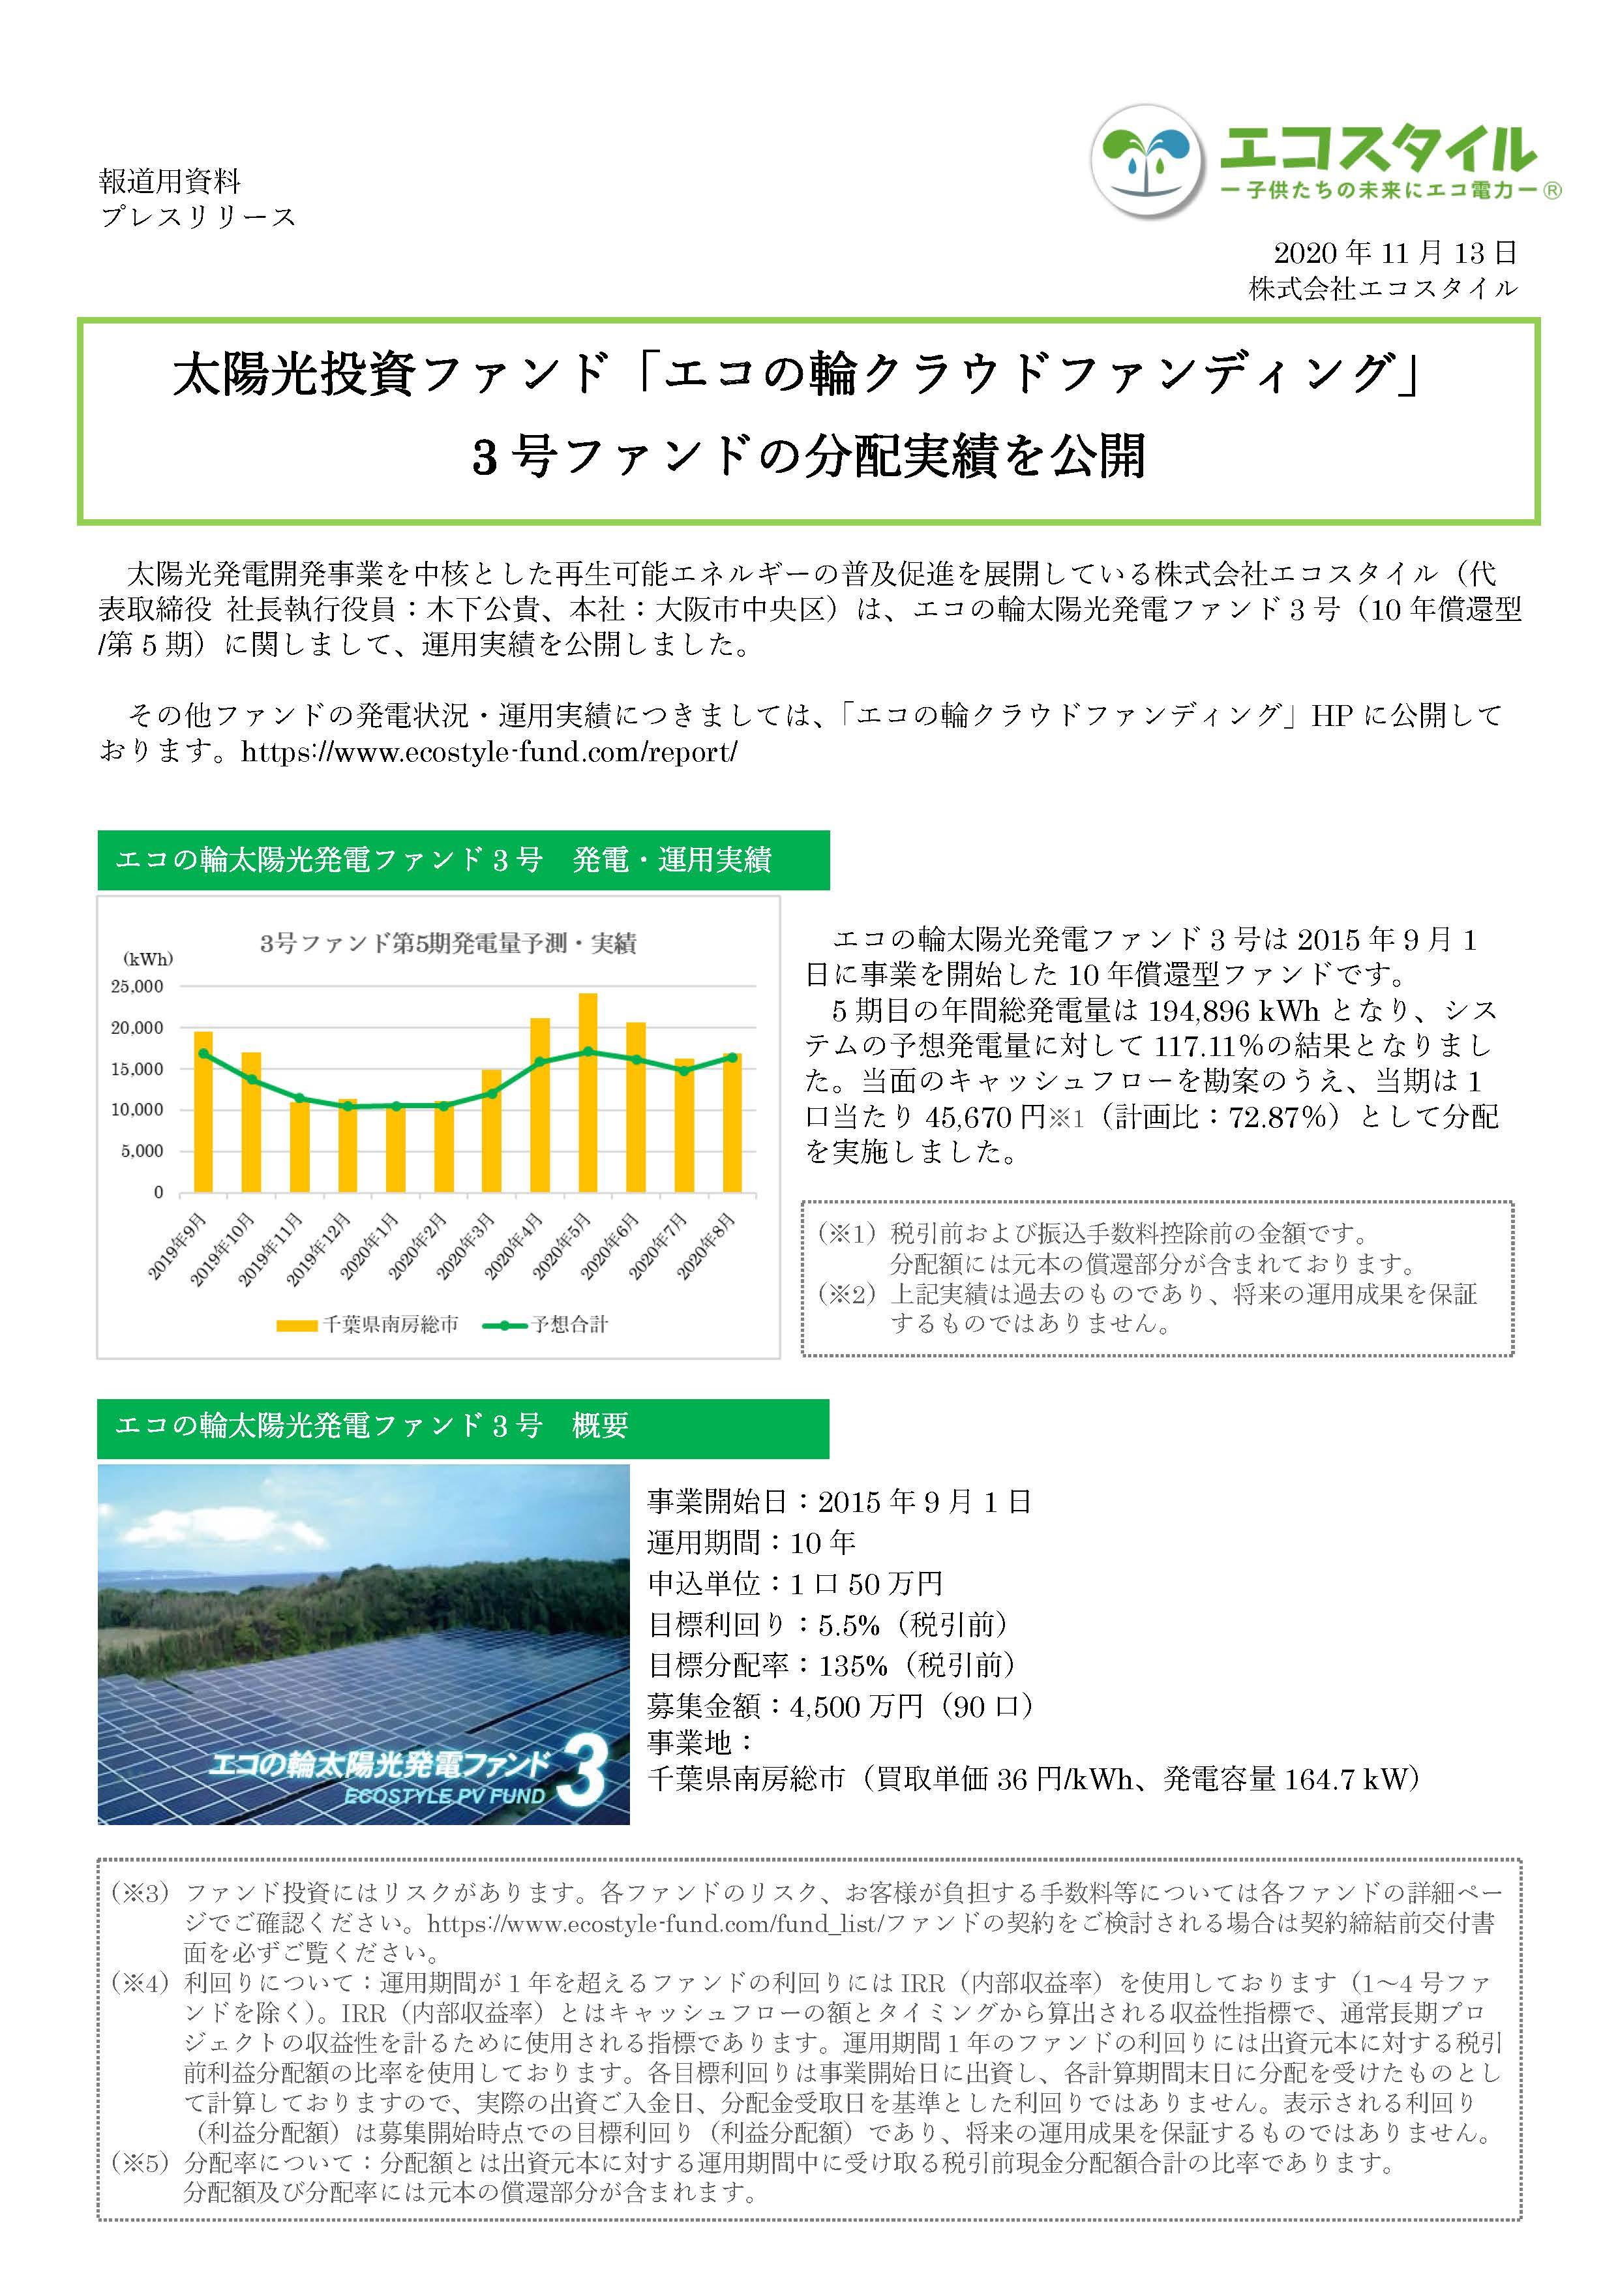 太陽光投資ファンド「エコの輪クラウドファンディング」 3号ファンドの分配実績を公開